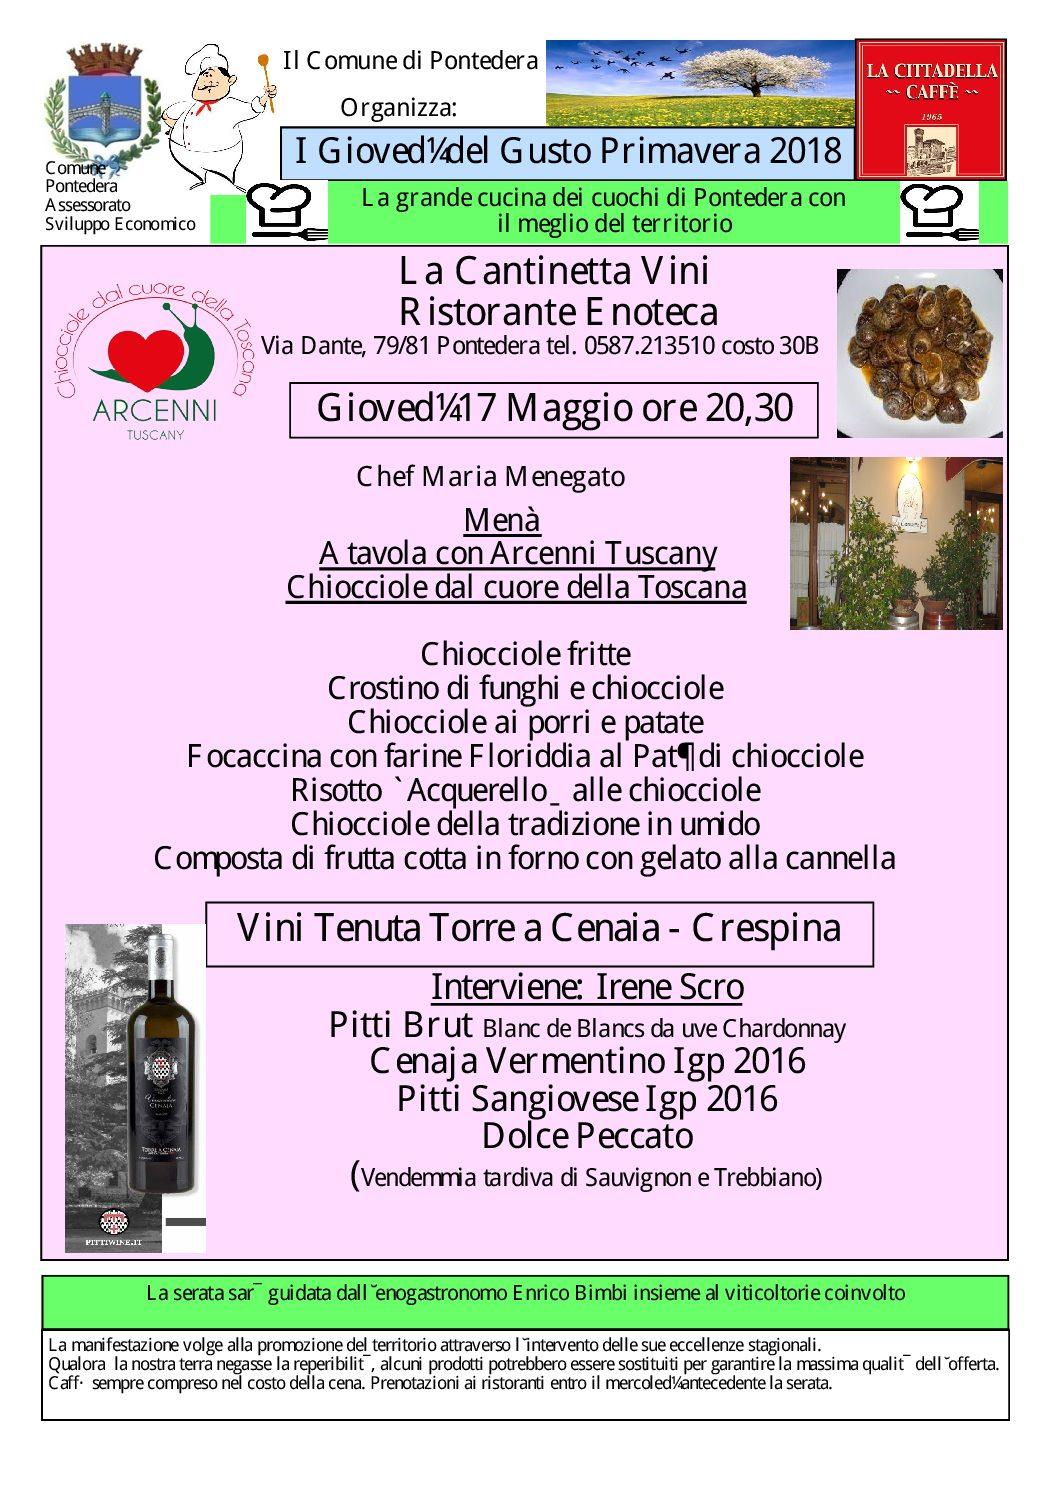 A Tutta Chiocciola con Arcenni Tuscany alla Cantinetta la seconda dei Giovedì del Gusto del 17 maggio